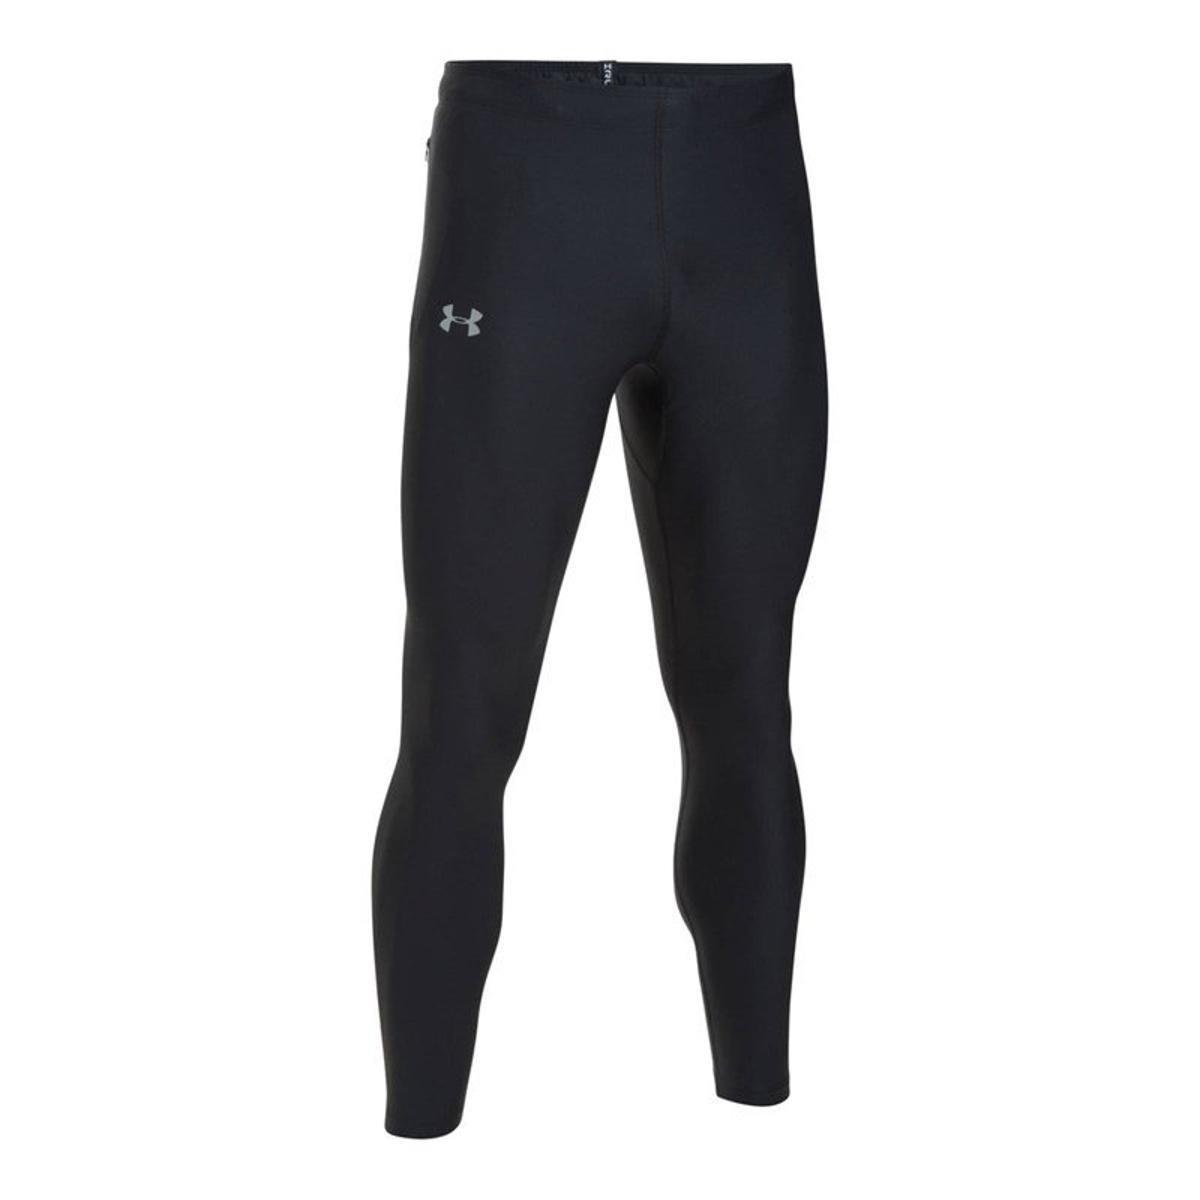 50a5533a19b Calça Legging Under Armour Run True Heatgear Tigh Masculina - Preto -  Compre Agora